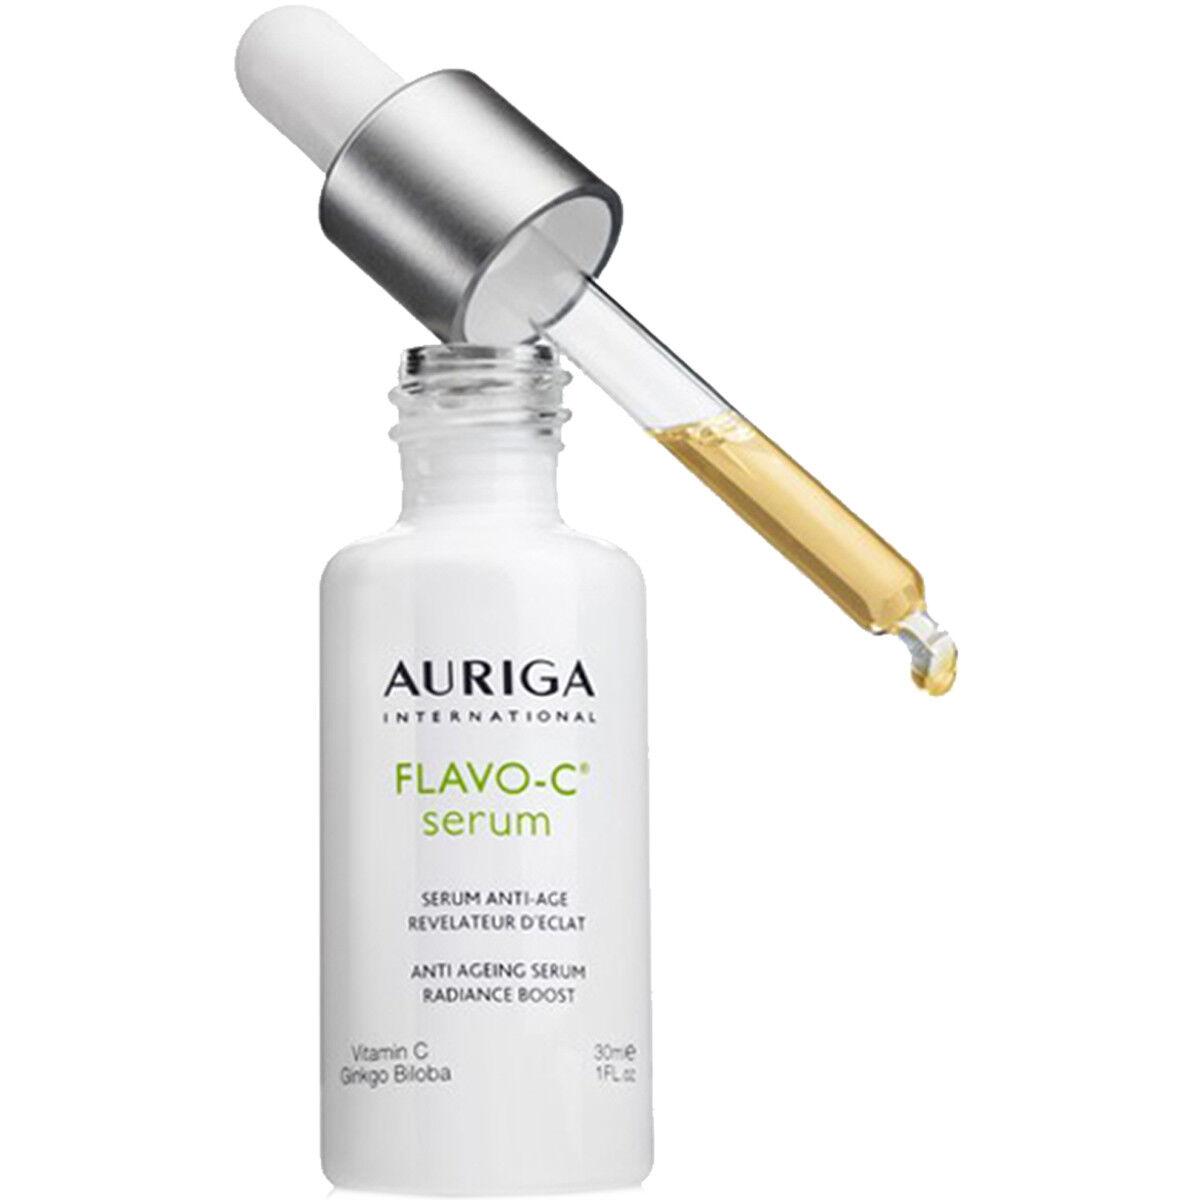 Auriga flavo c serum anti age 15ml